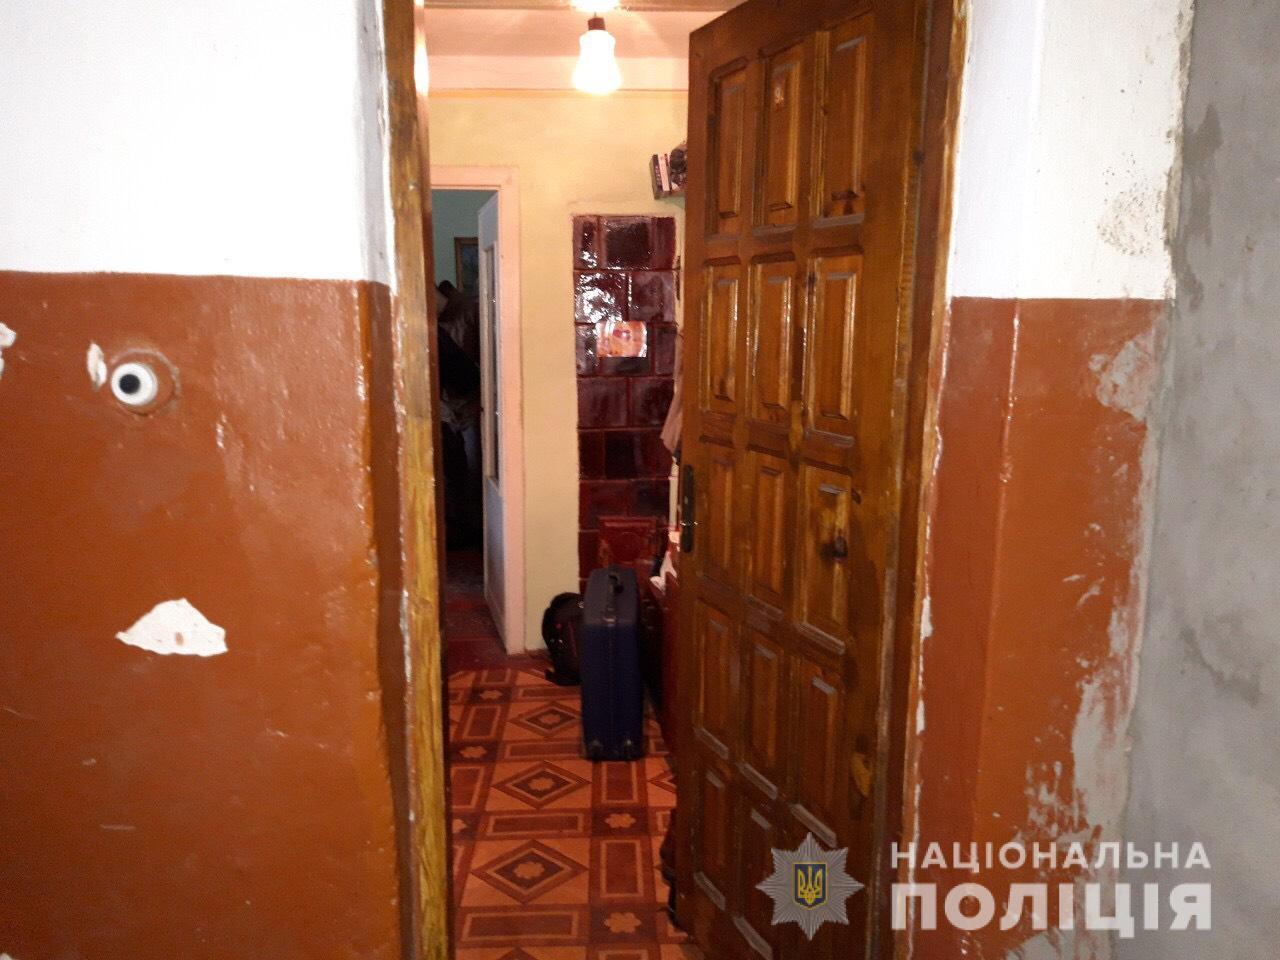 Озброєні чоловіки у Виноградові увірвалися у чужий дім і пограбували іноземця